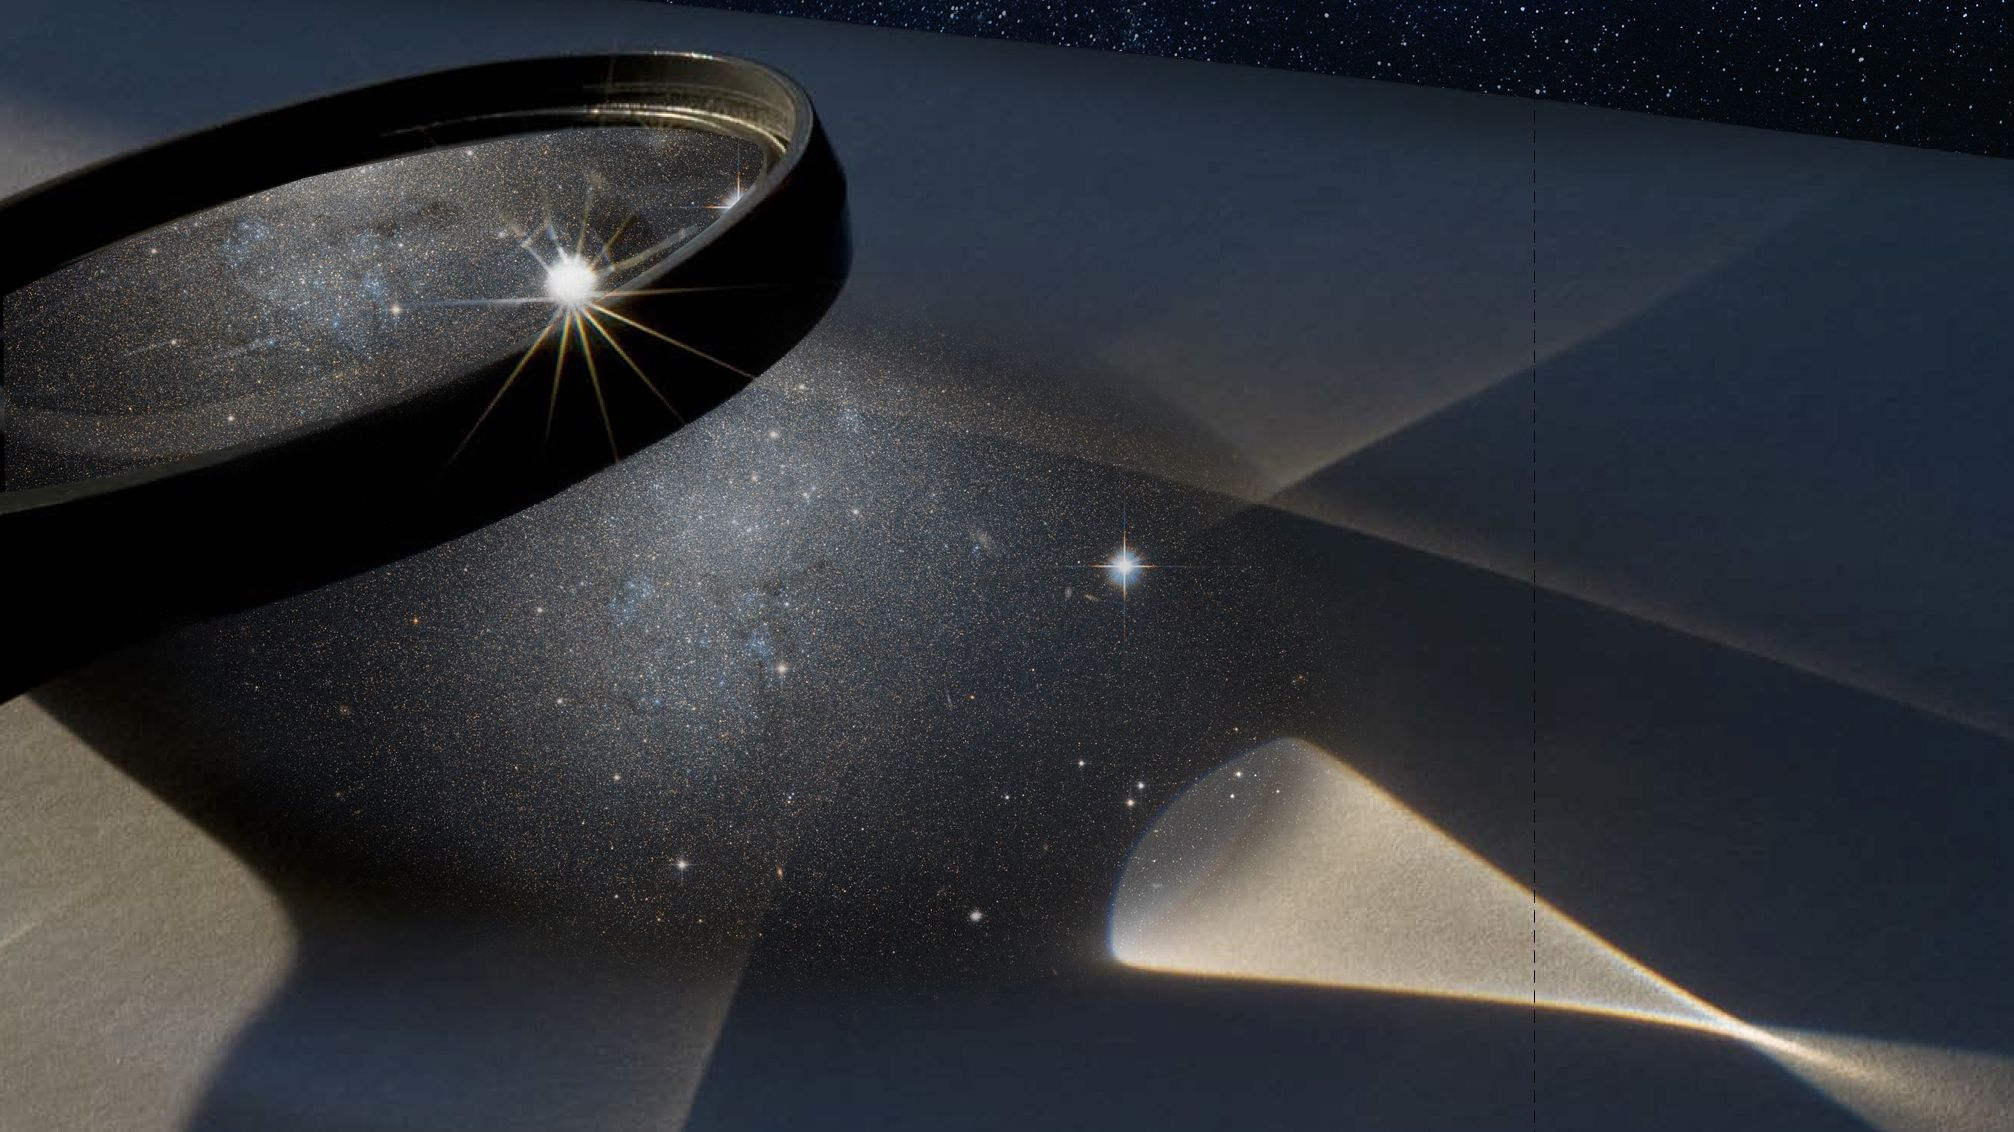 94億光年彼方の矮小銀河、銀河団の重力レンズを利用して発見